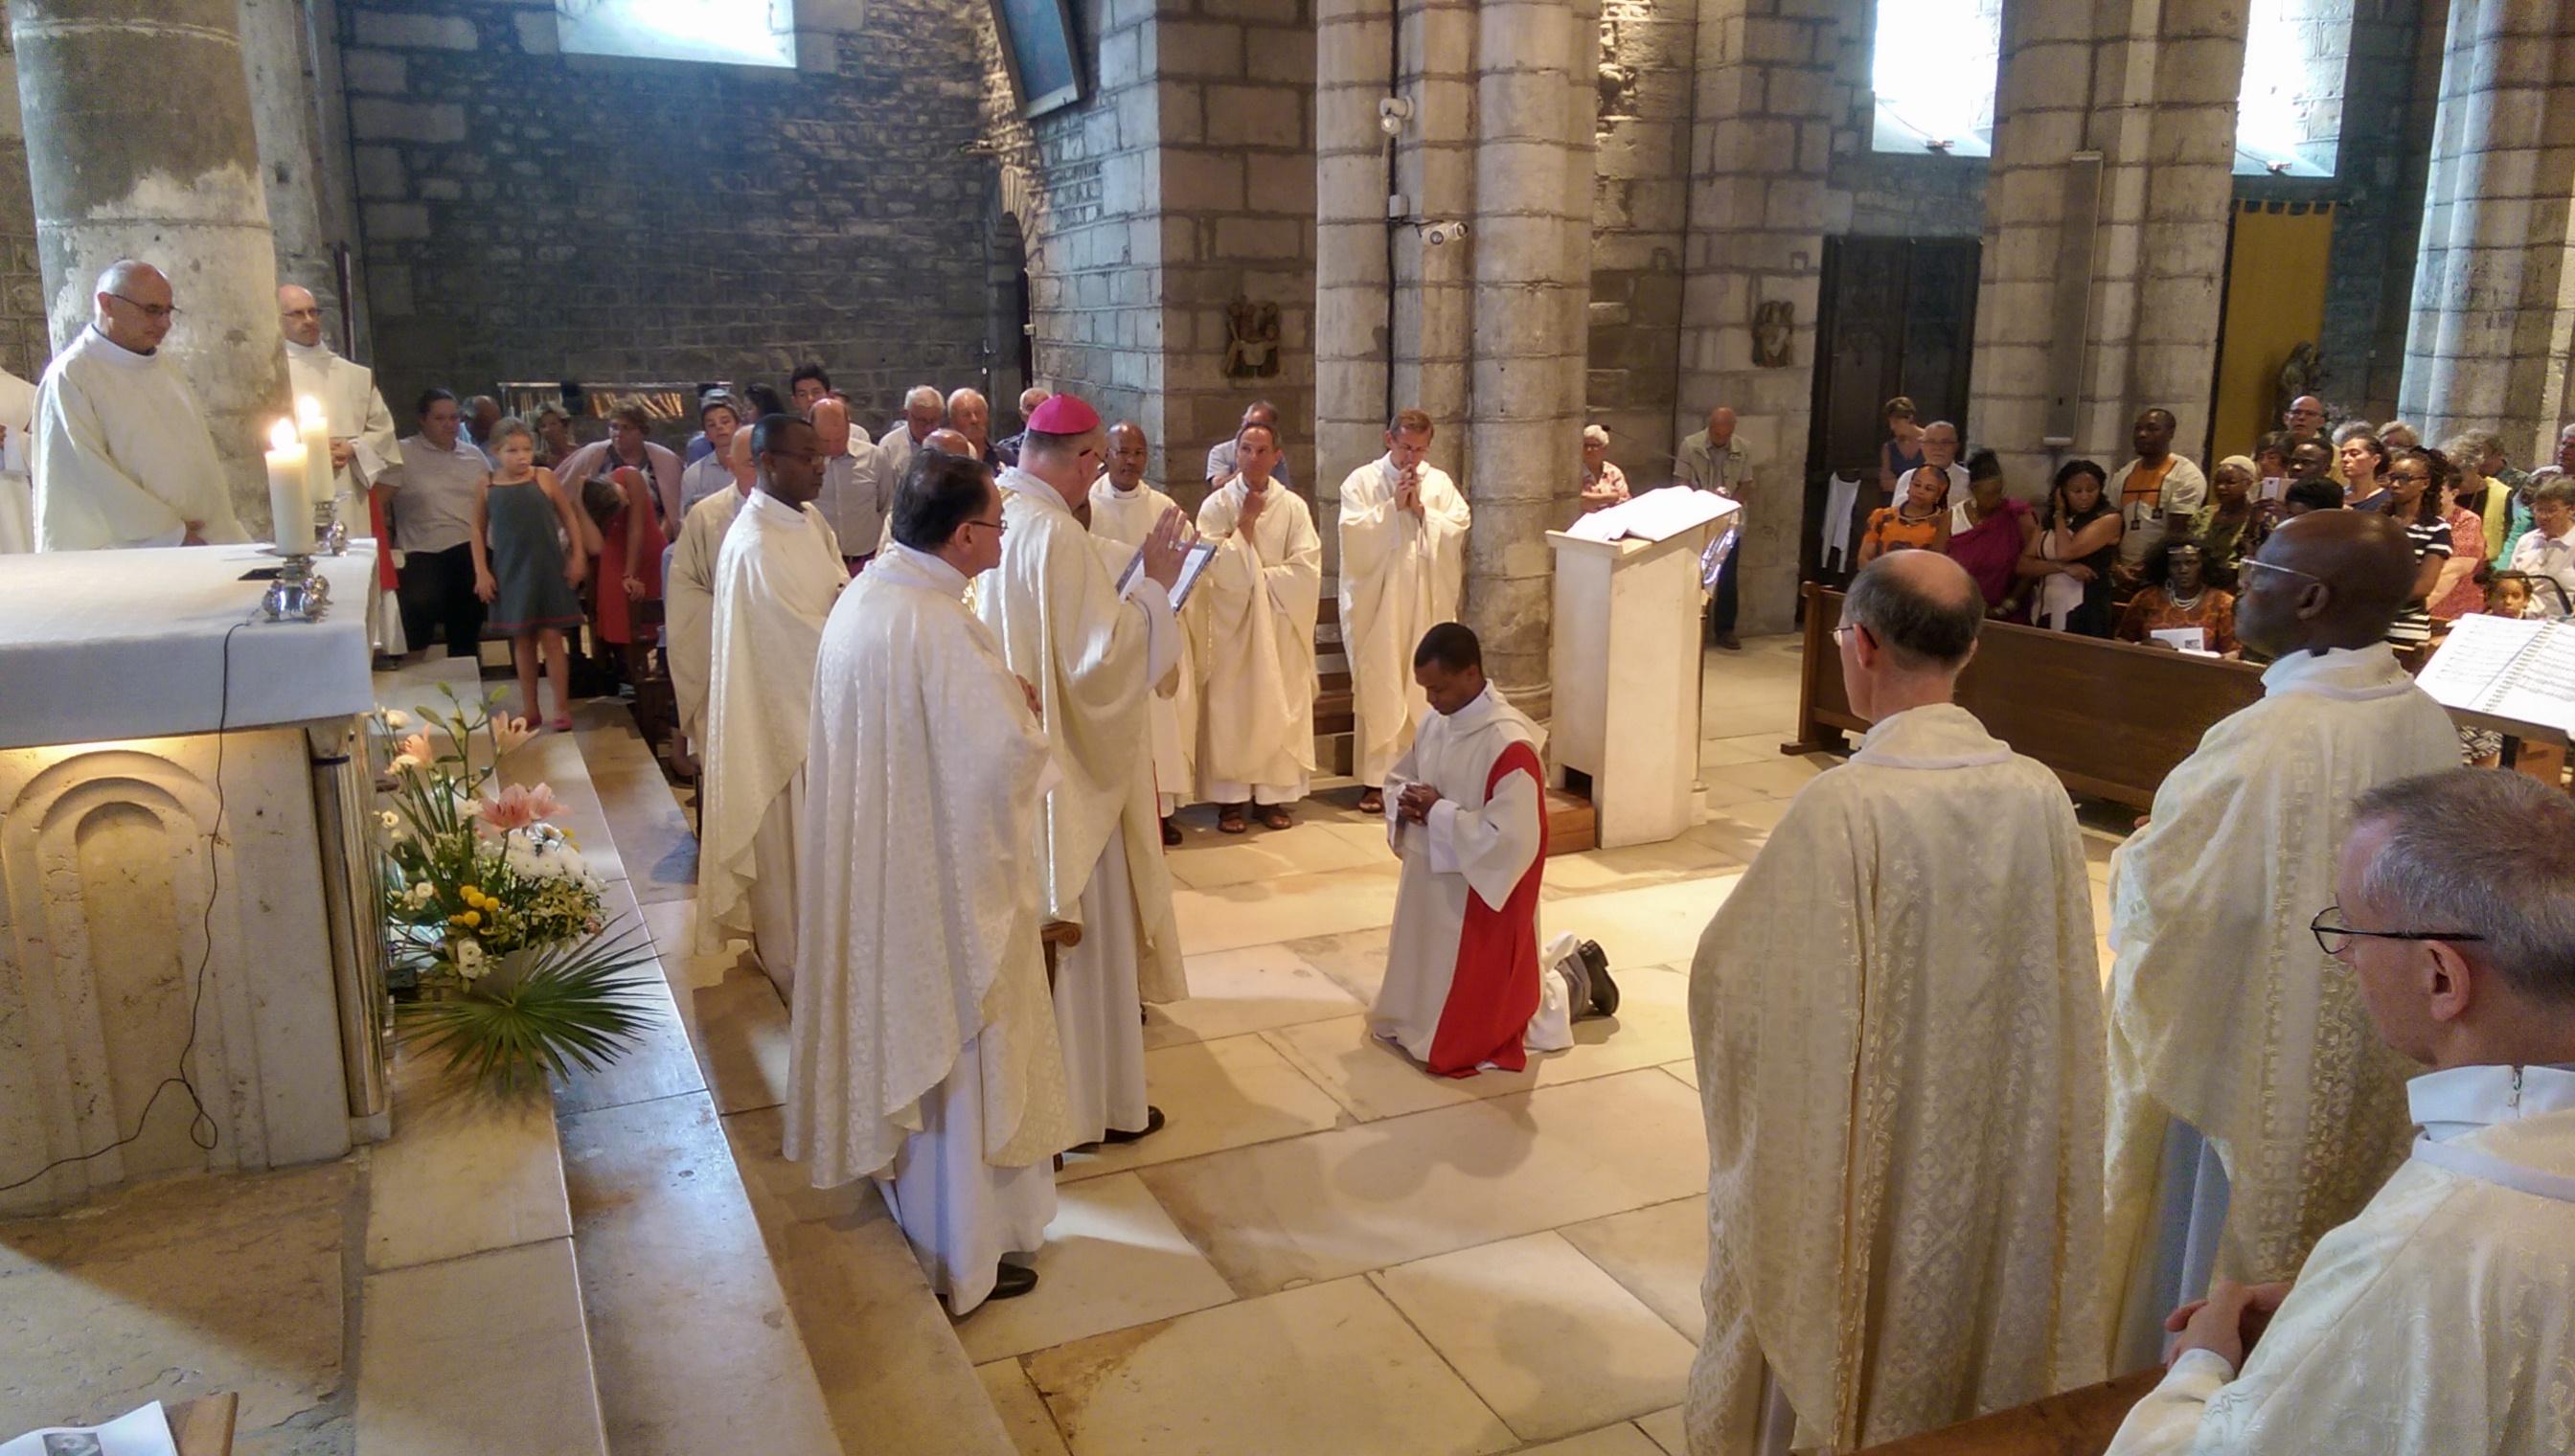 Profession solennelle des voeux du frère Sulpice - Oraison de bénédiction